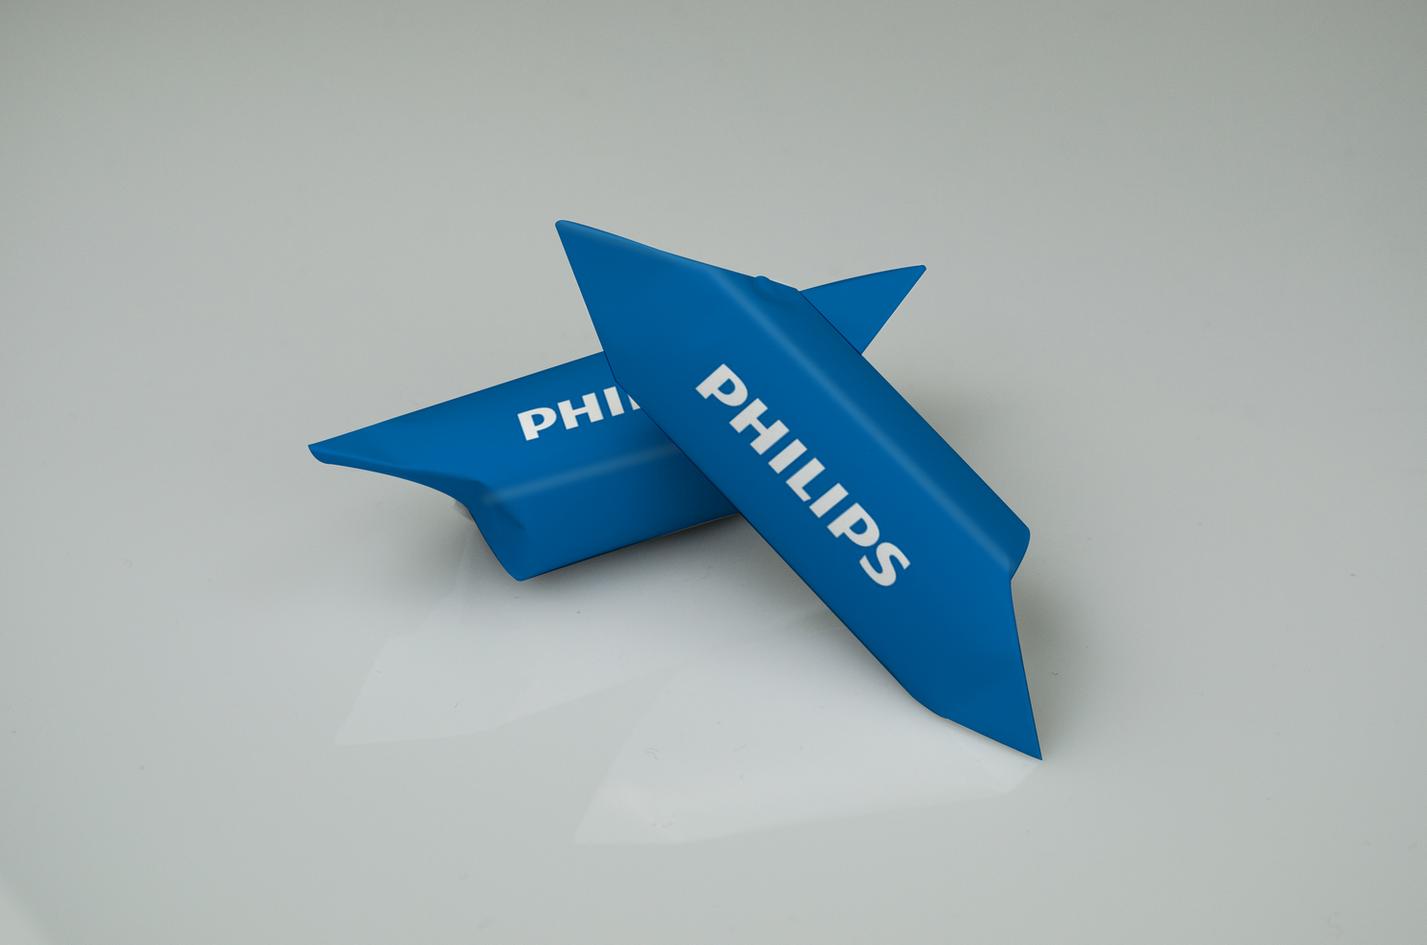 krówki reklamowe philips.png